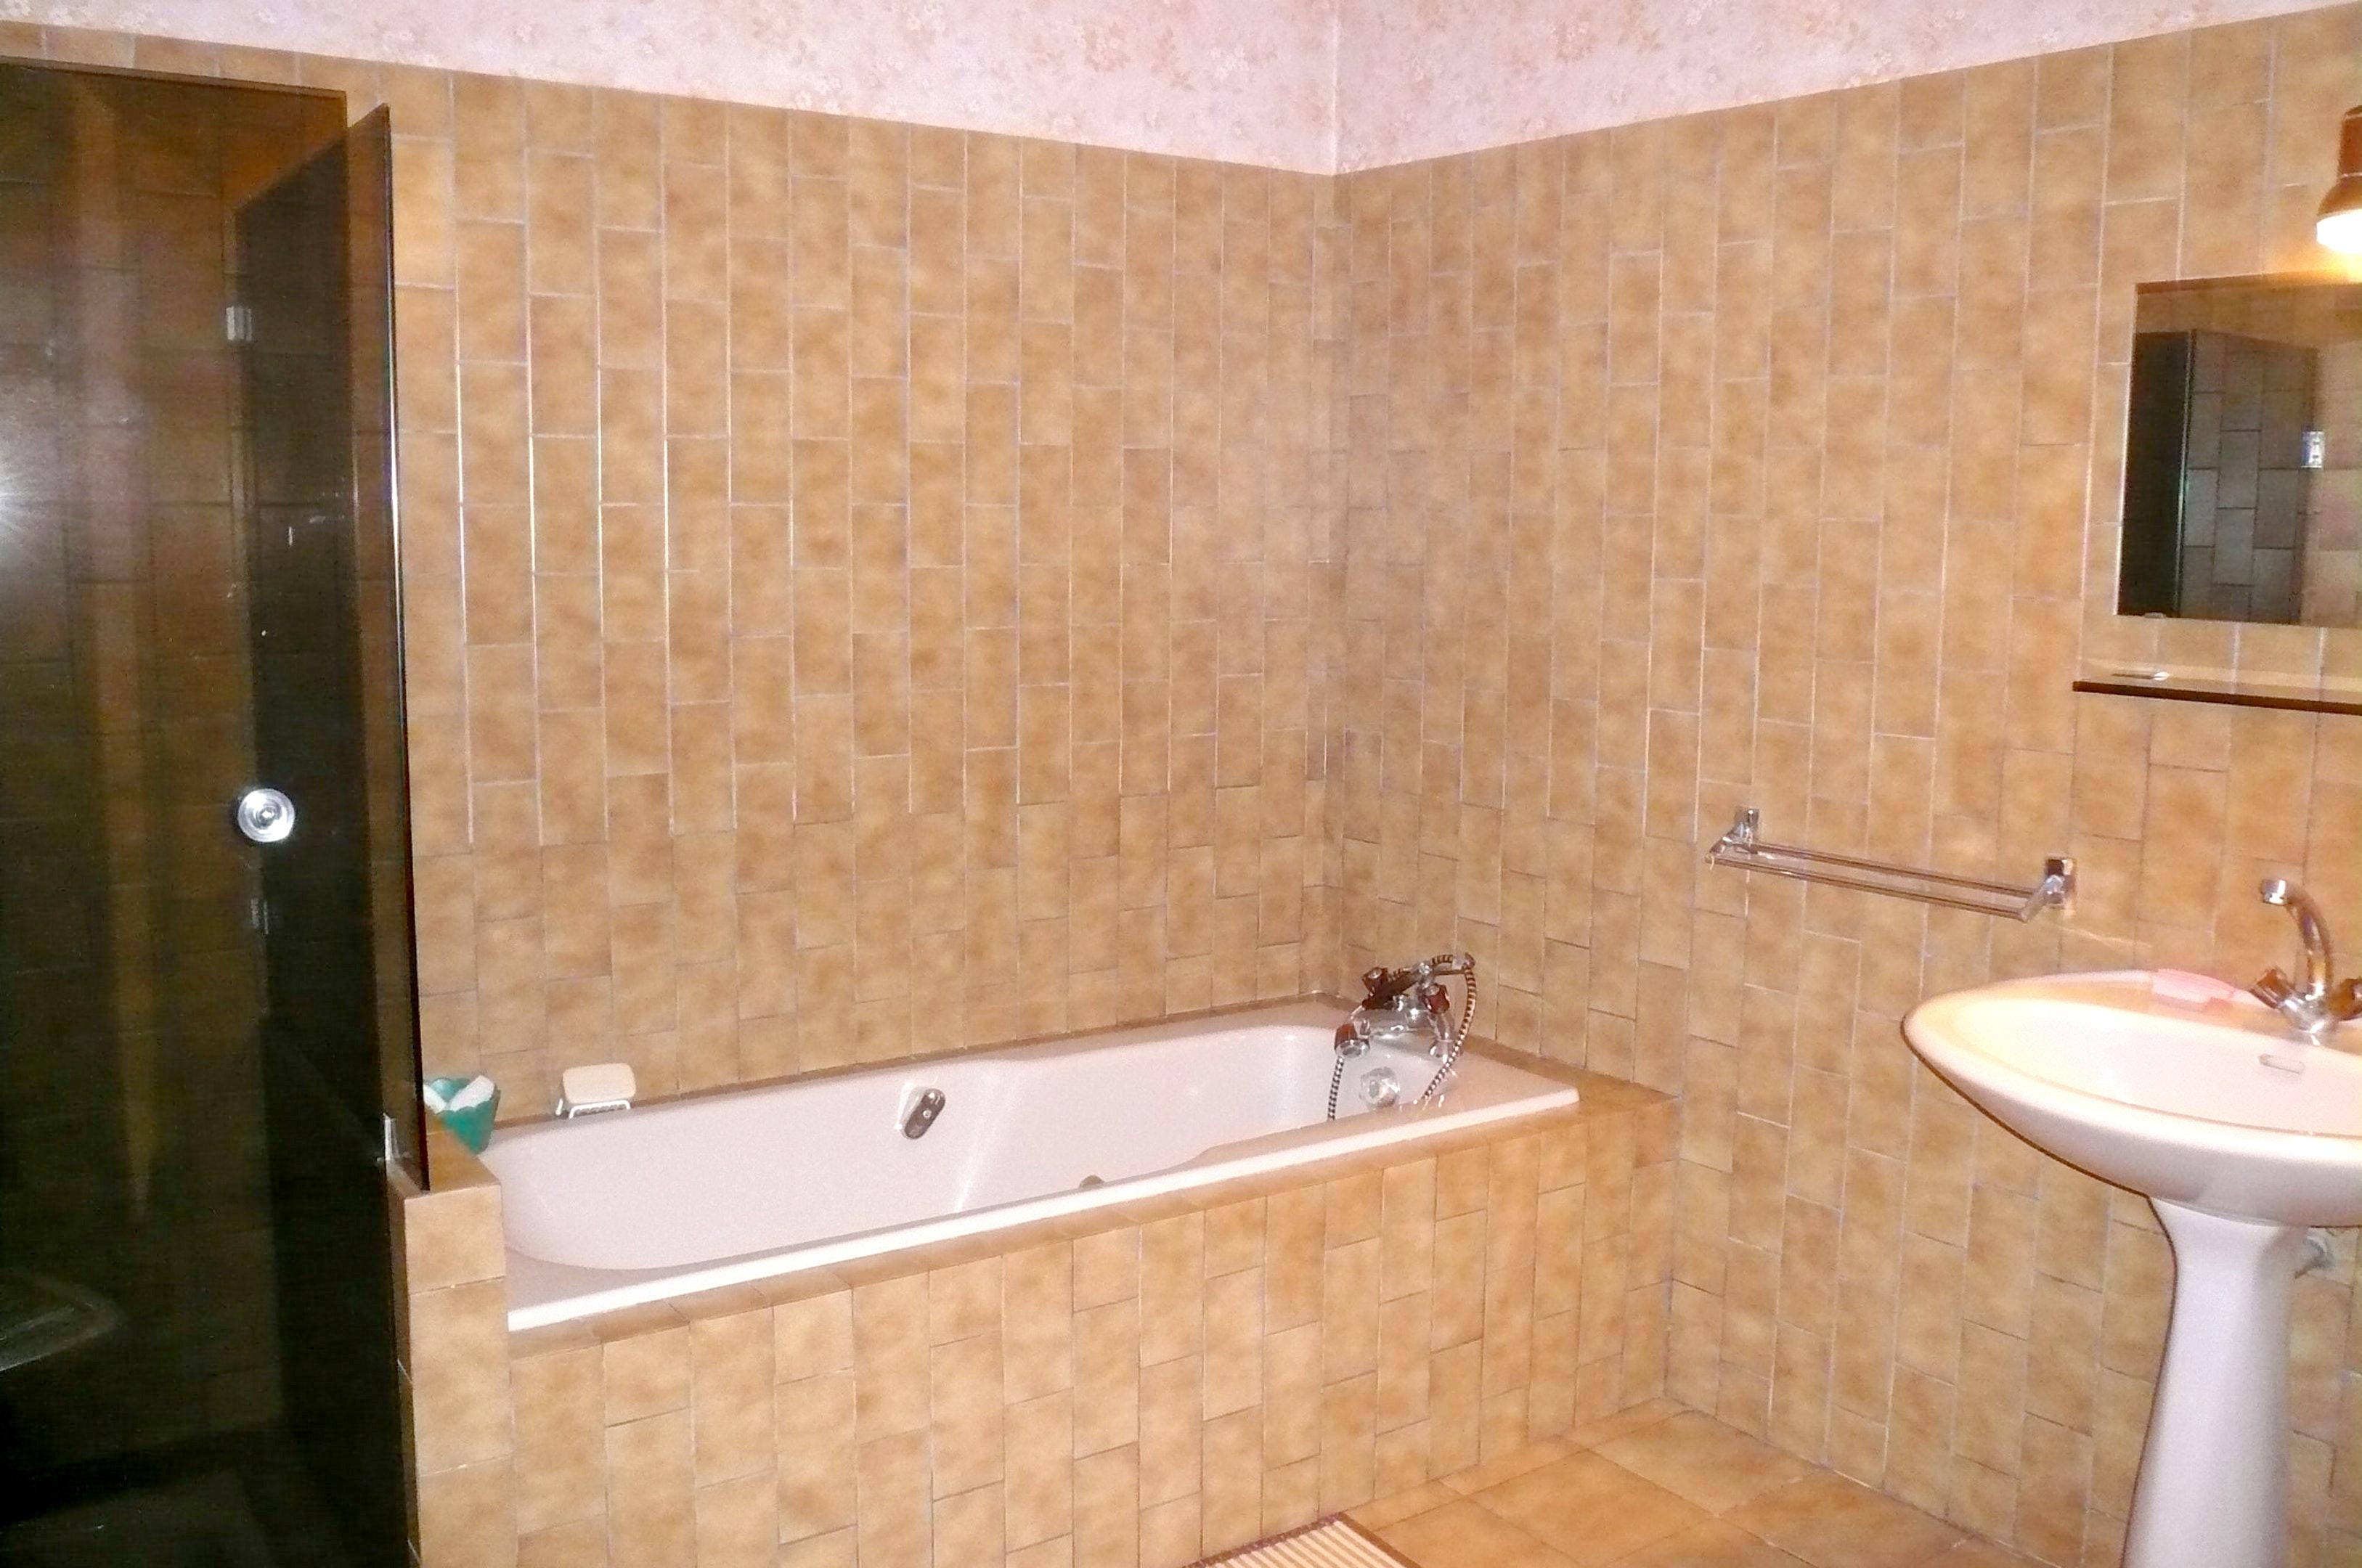 Maison de vacances Haus mit 4 Schlafzimmern in Castillon-la-Bataille mit eingezäuntem Garten und W-LAN - 85 k (2271453), Castillon la Bataille, Gironde, Aquitaine, France, image 9